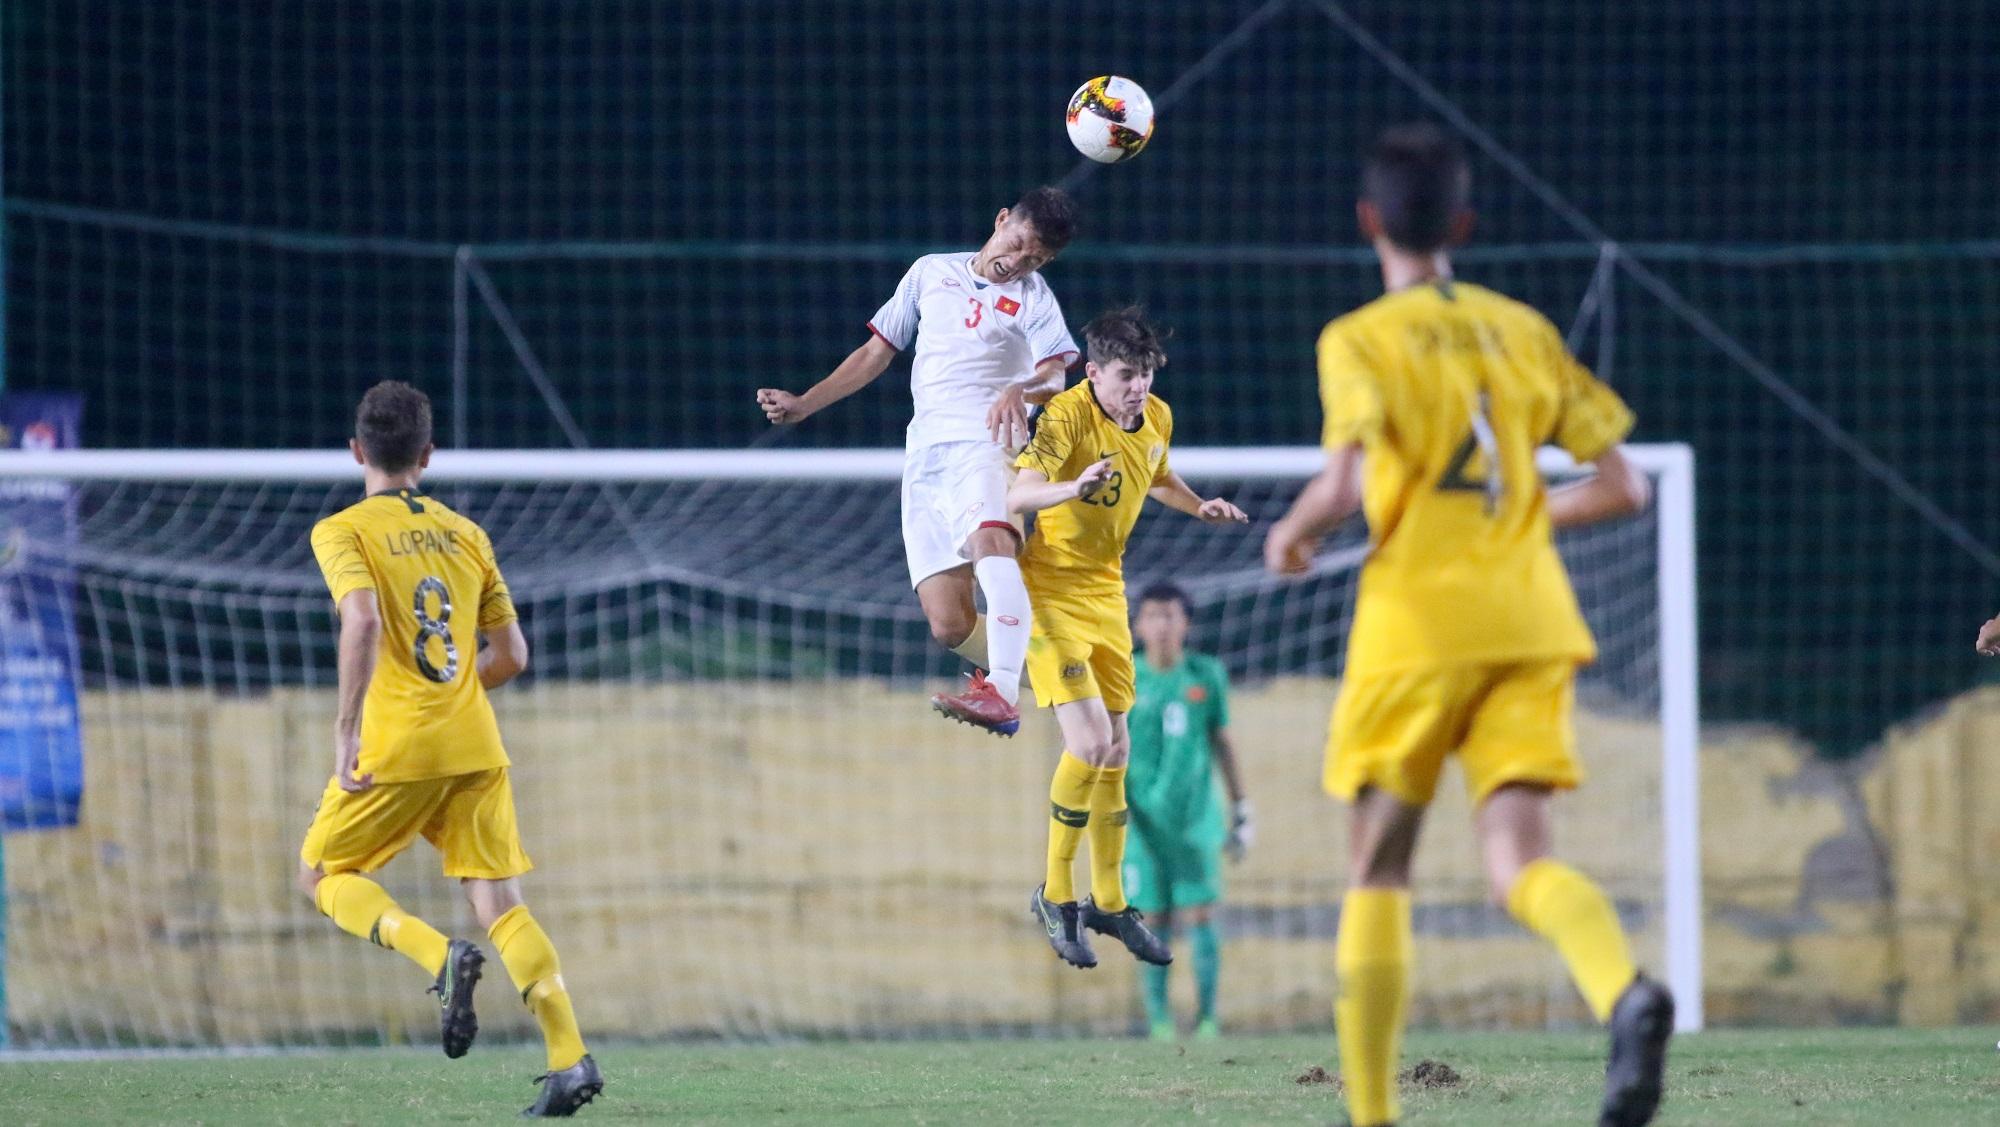 Vòng loại U16 châu Á 2020: Thua bàn phút cuối, U16 Việt Nam mất ngôi đầu bảng về tay U16 Australia